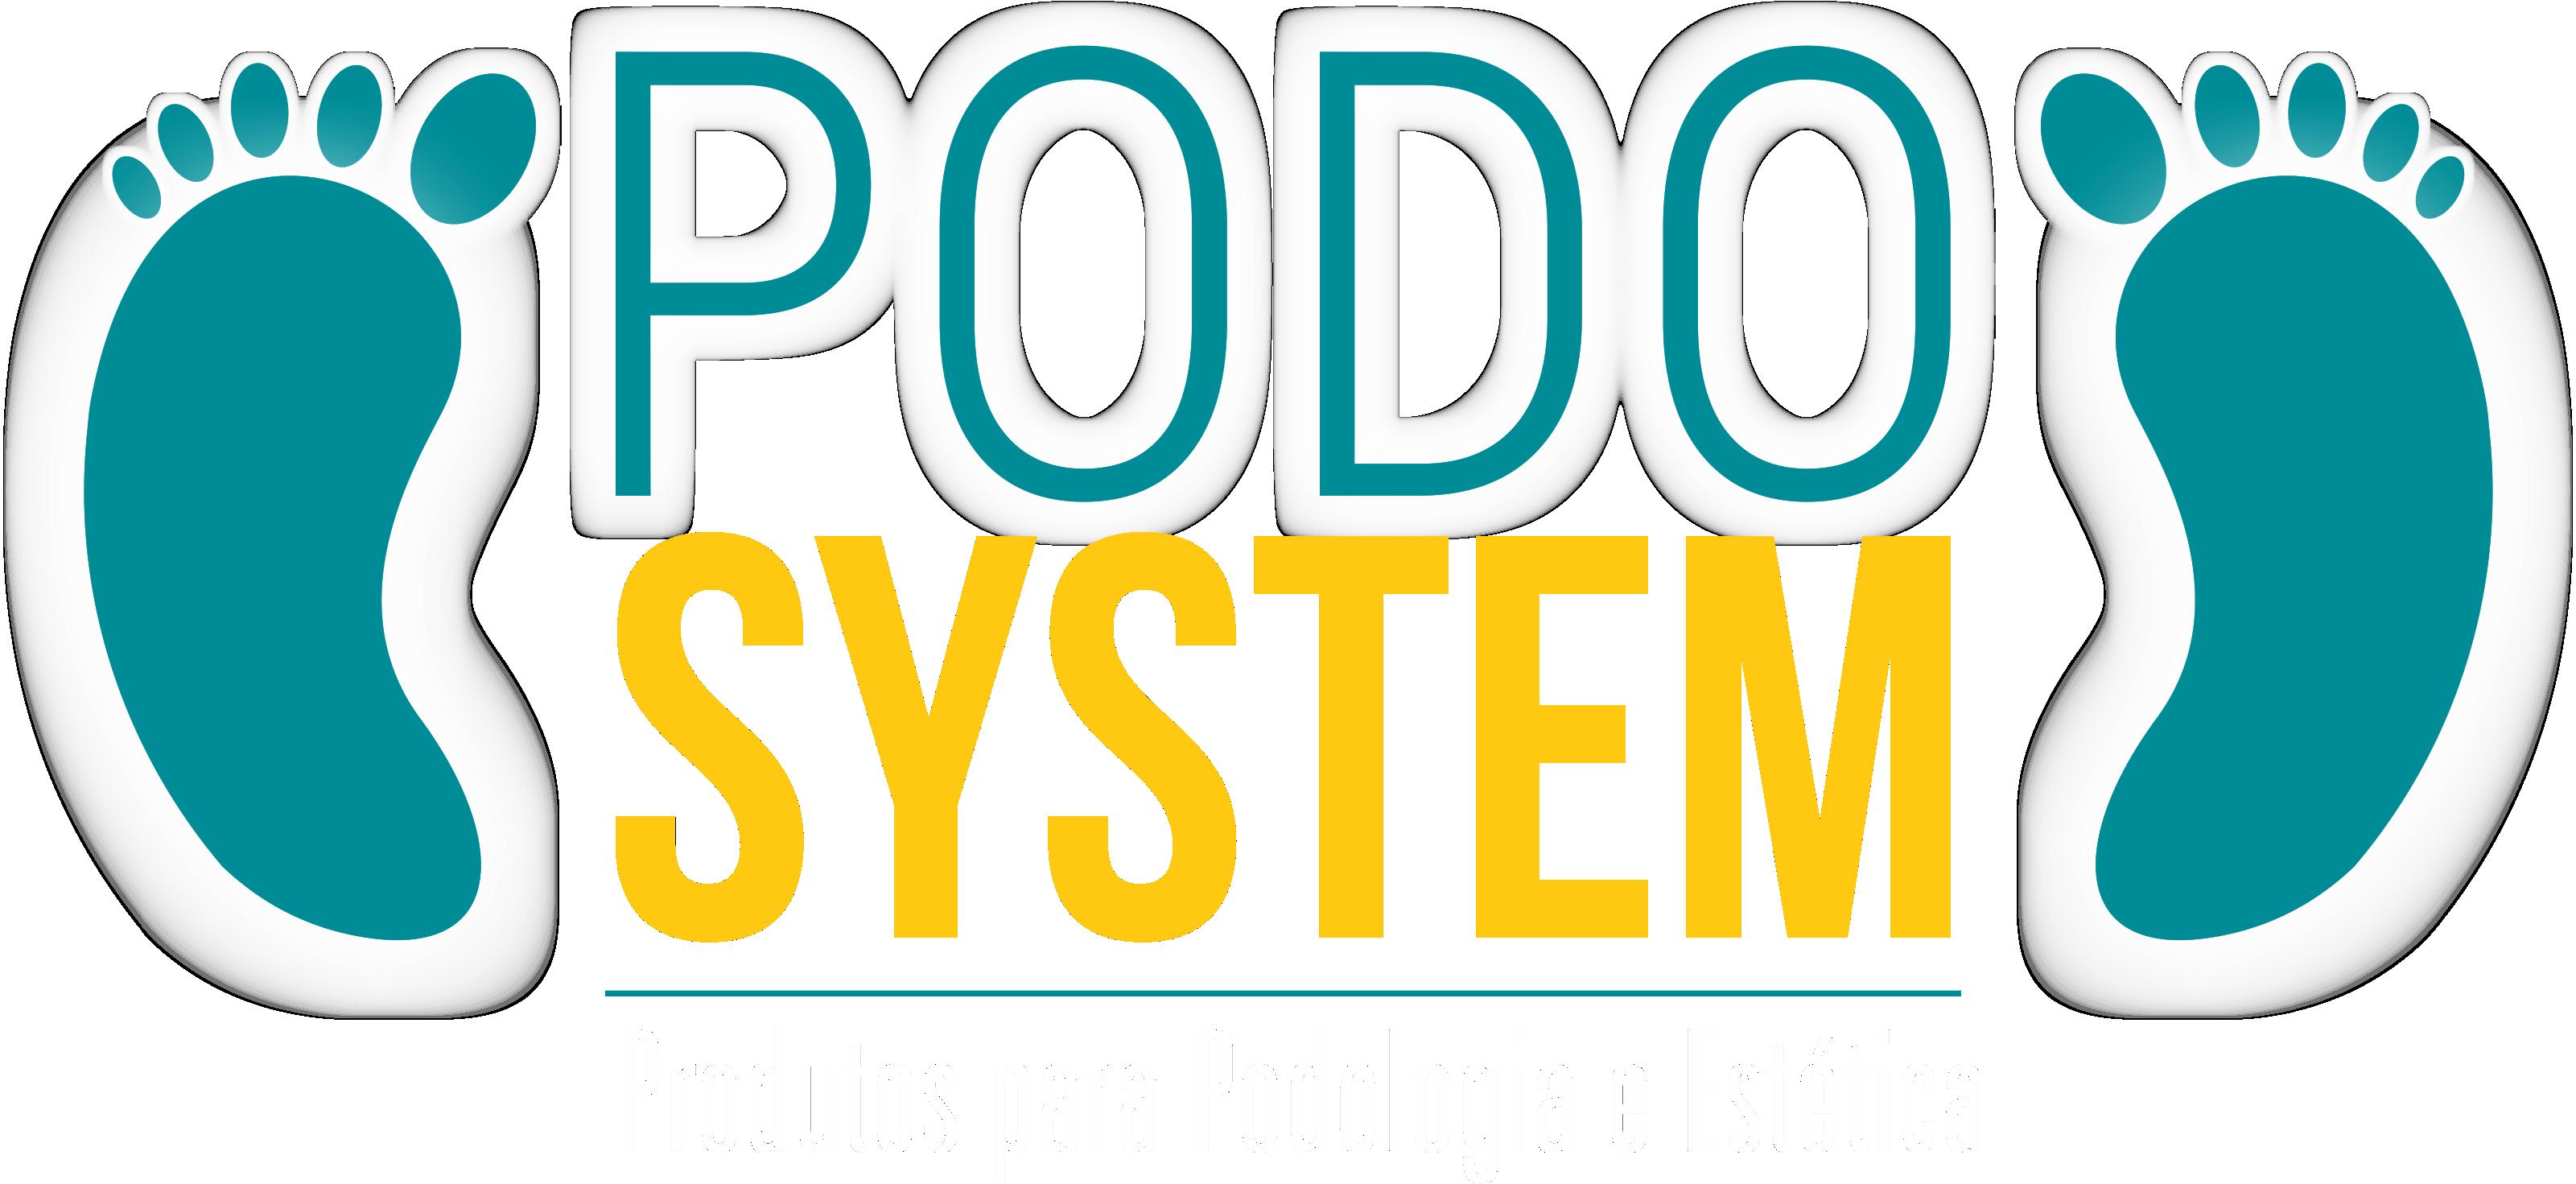 PODO SYSTEM